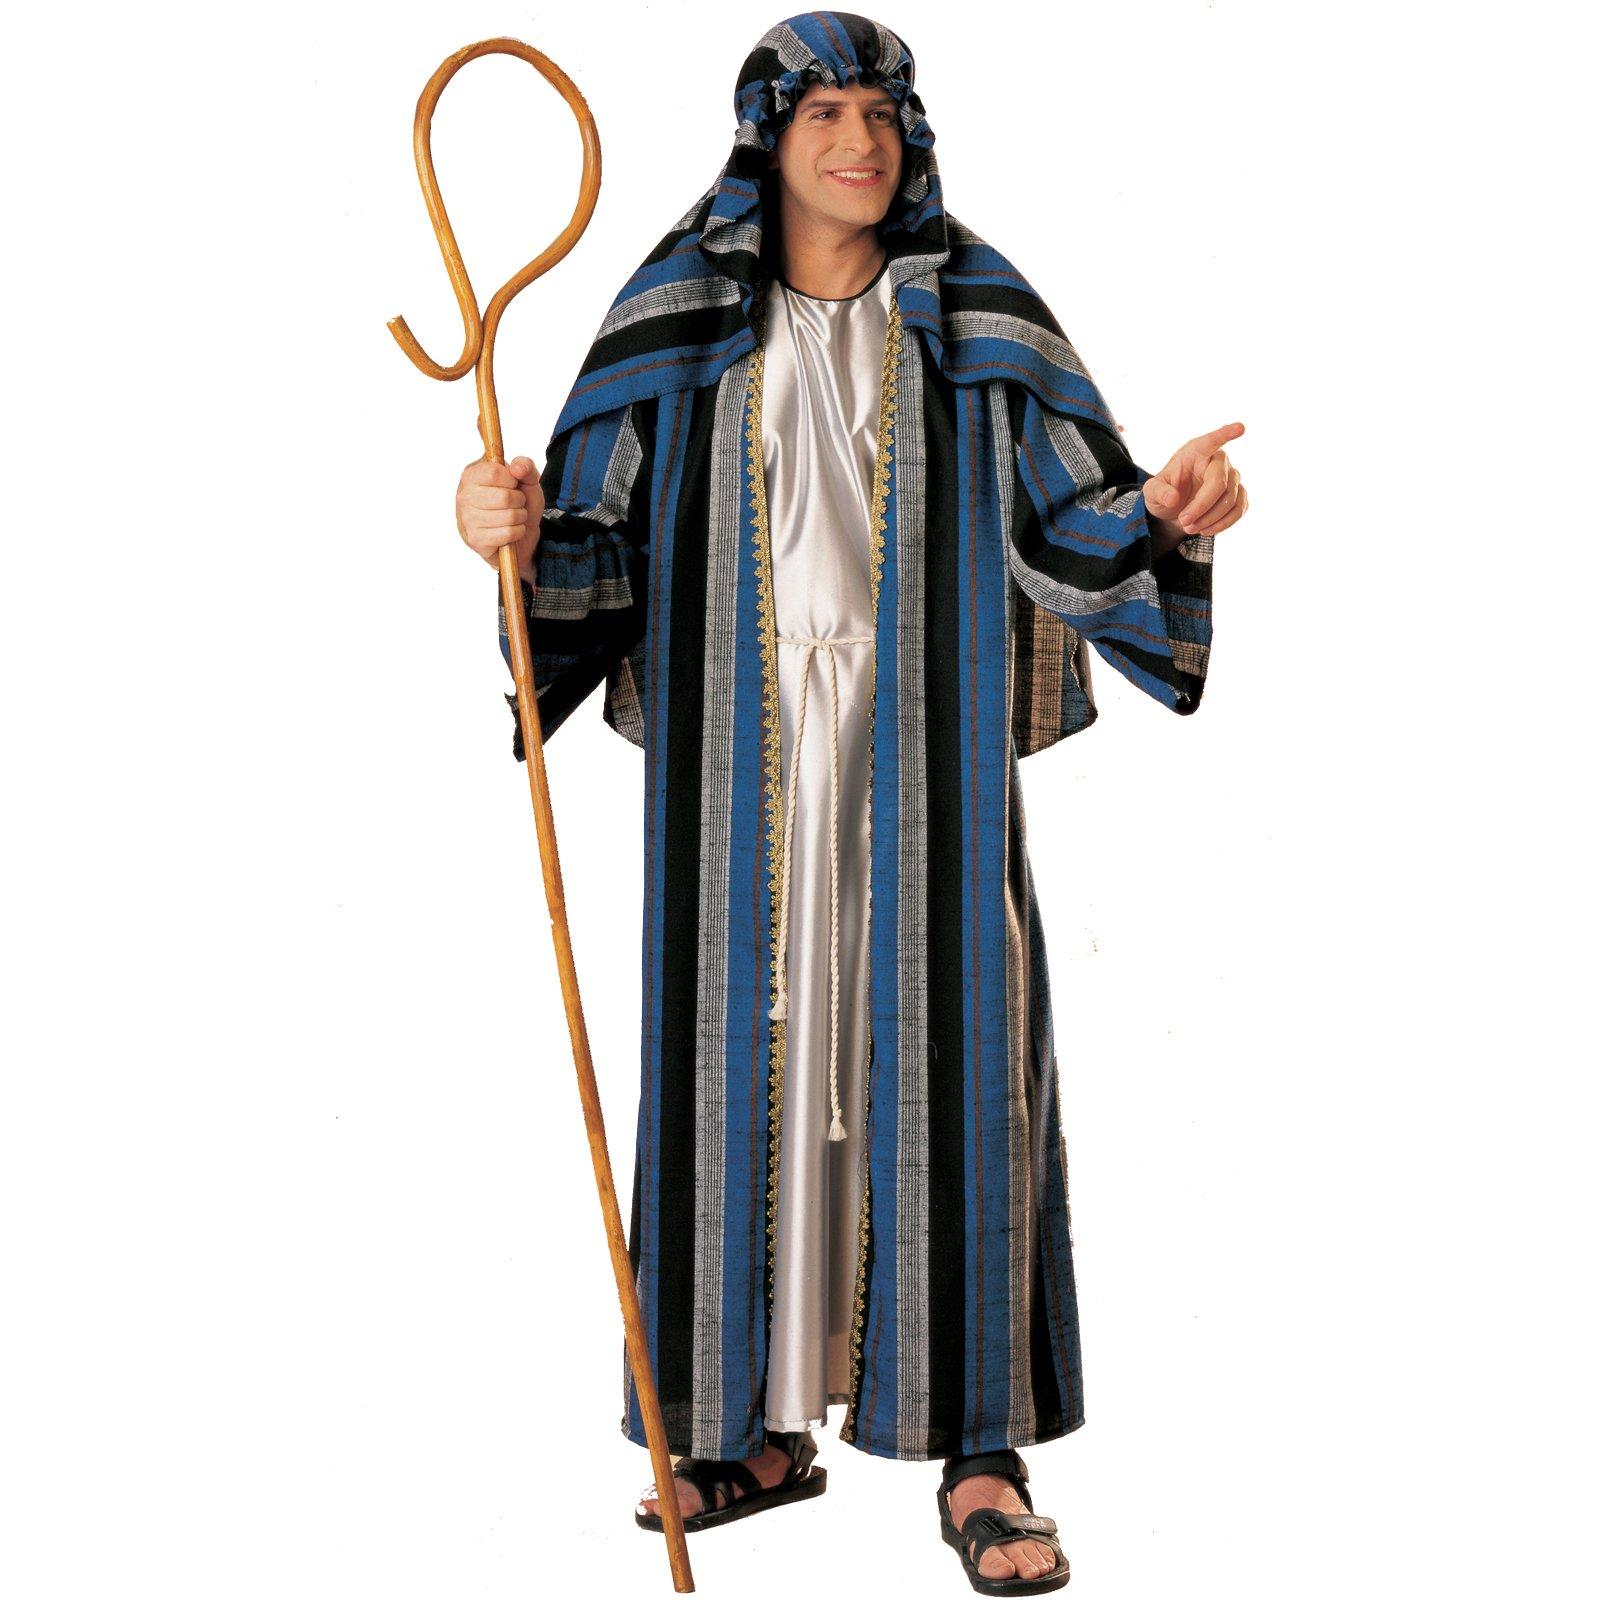 ручную костюм пастуха фото этом видео показываю